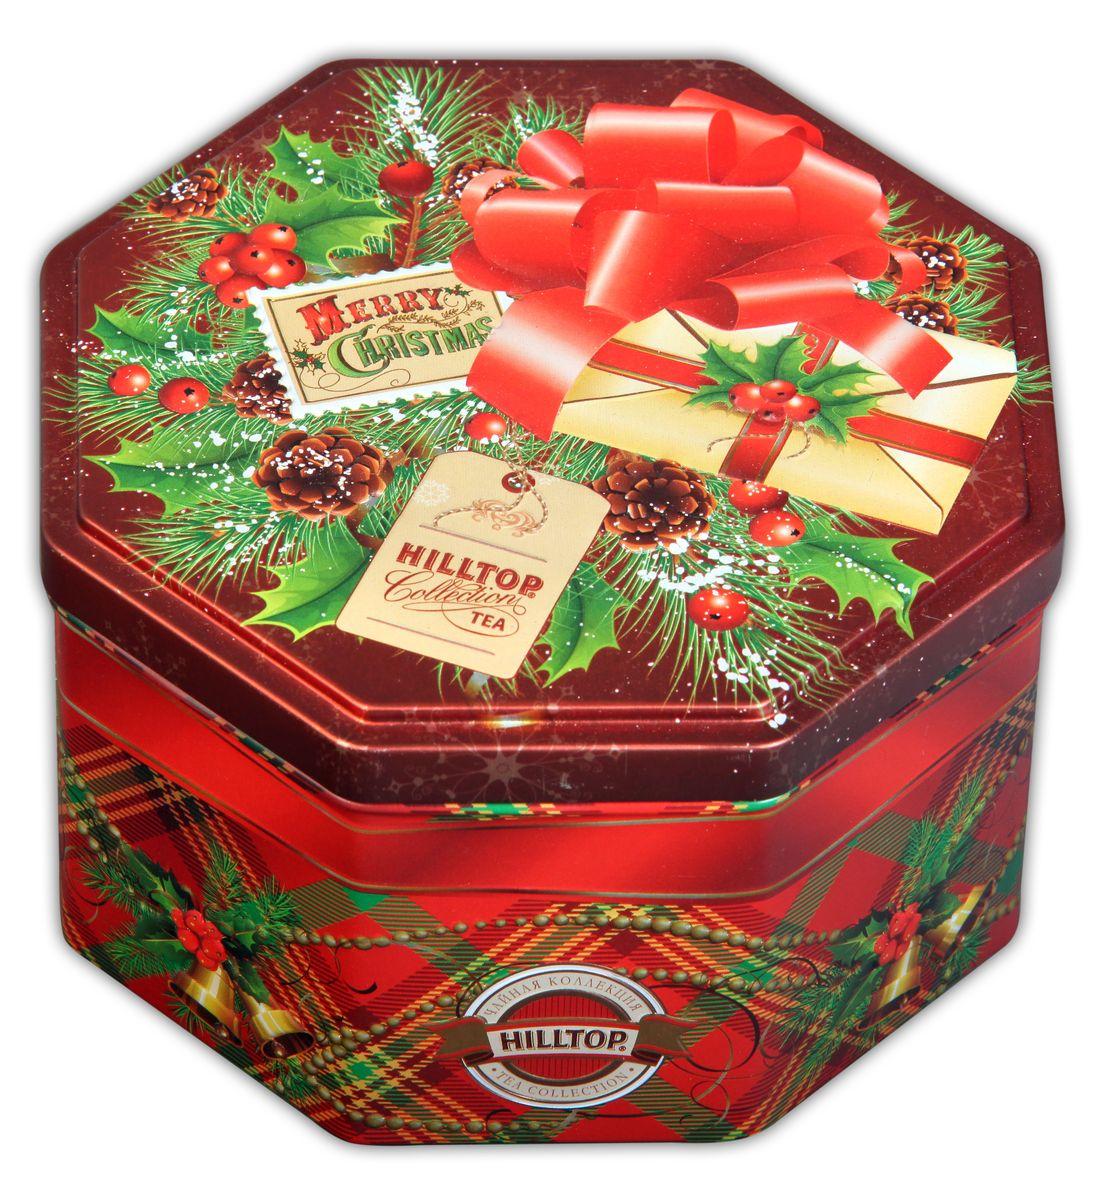 Hilltop С Рождеством Праздничный черный листовой чай, 150 г